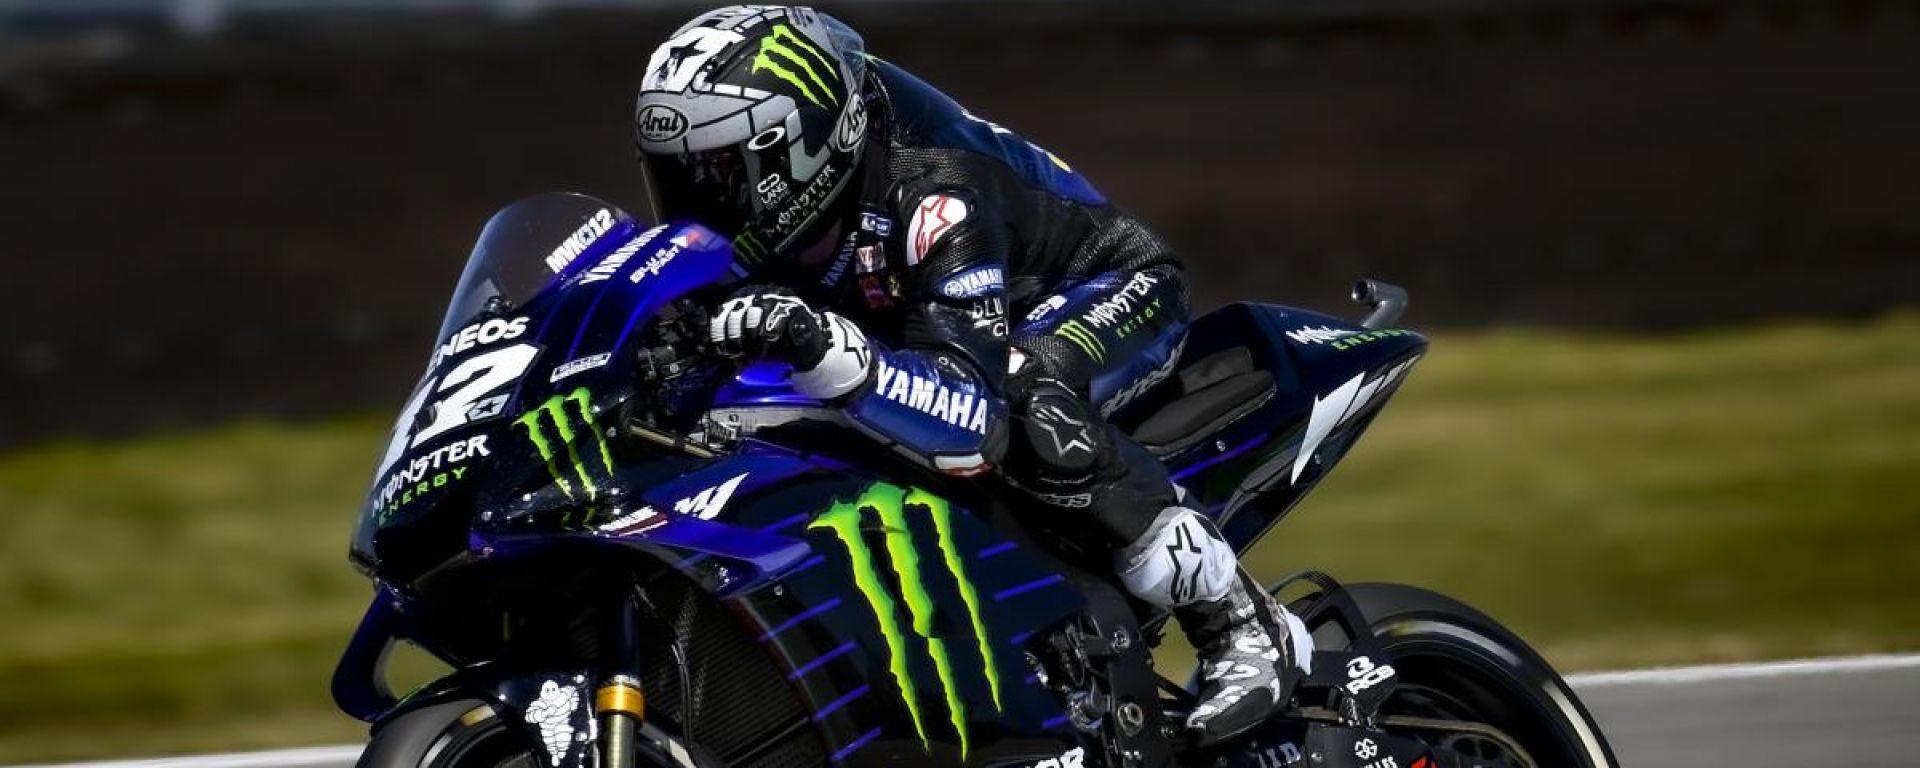 MotoGP Assen 2019, Vinales torna alla vittoria. Rossi ritirato